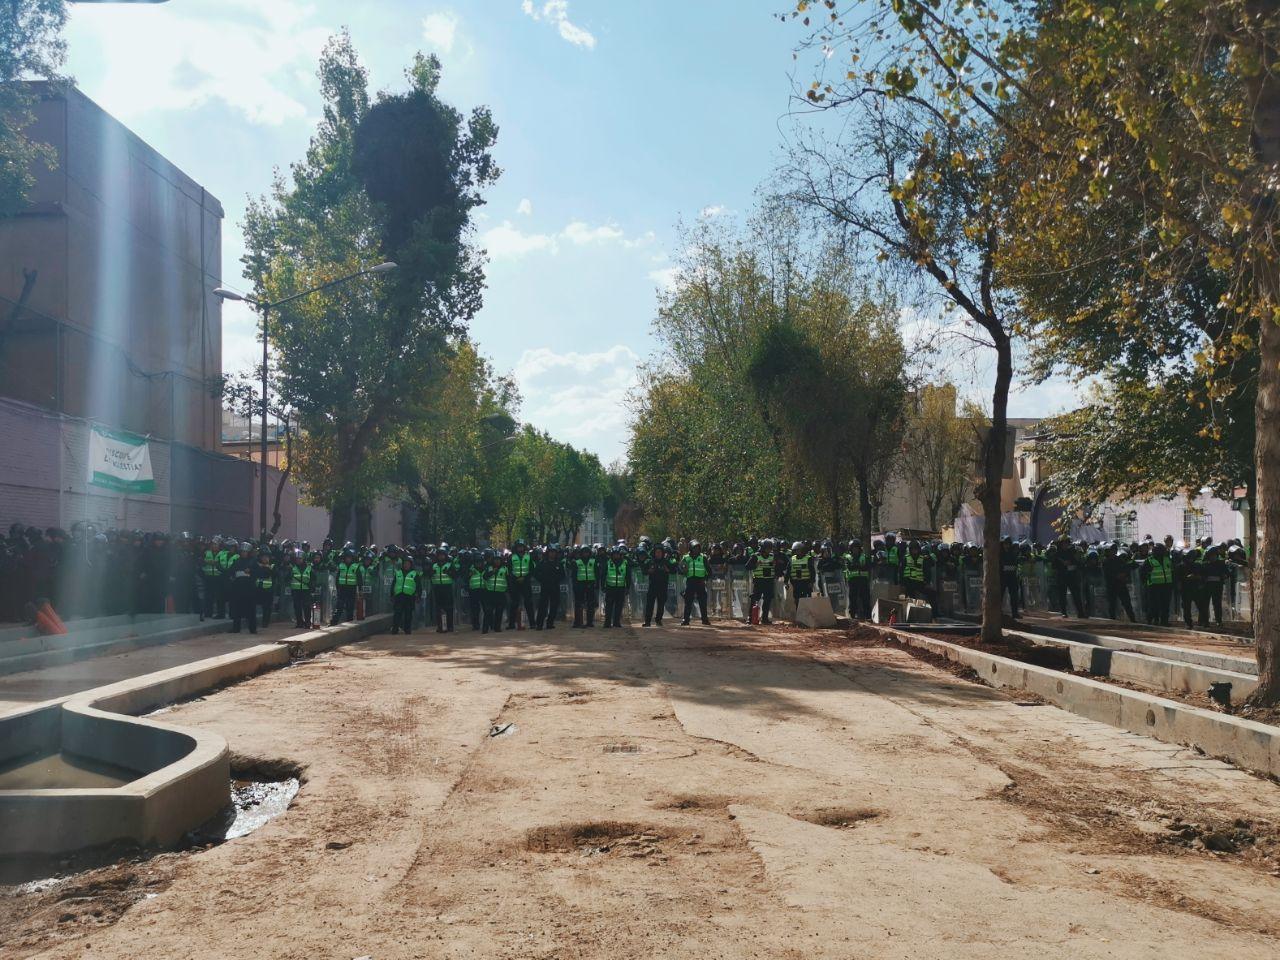 Así se está viviendo la marcha a 51 años de Tlatelolco